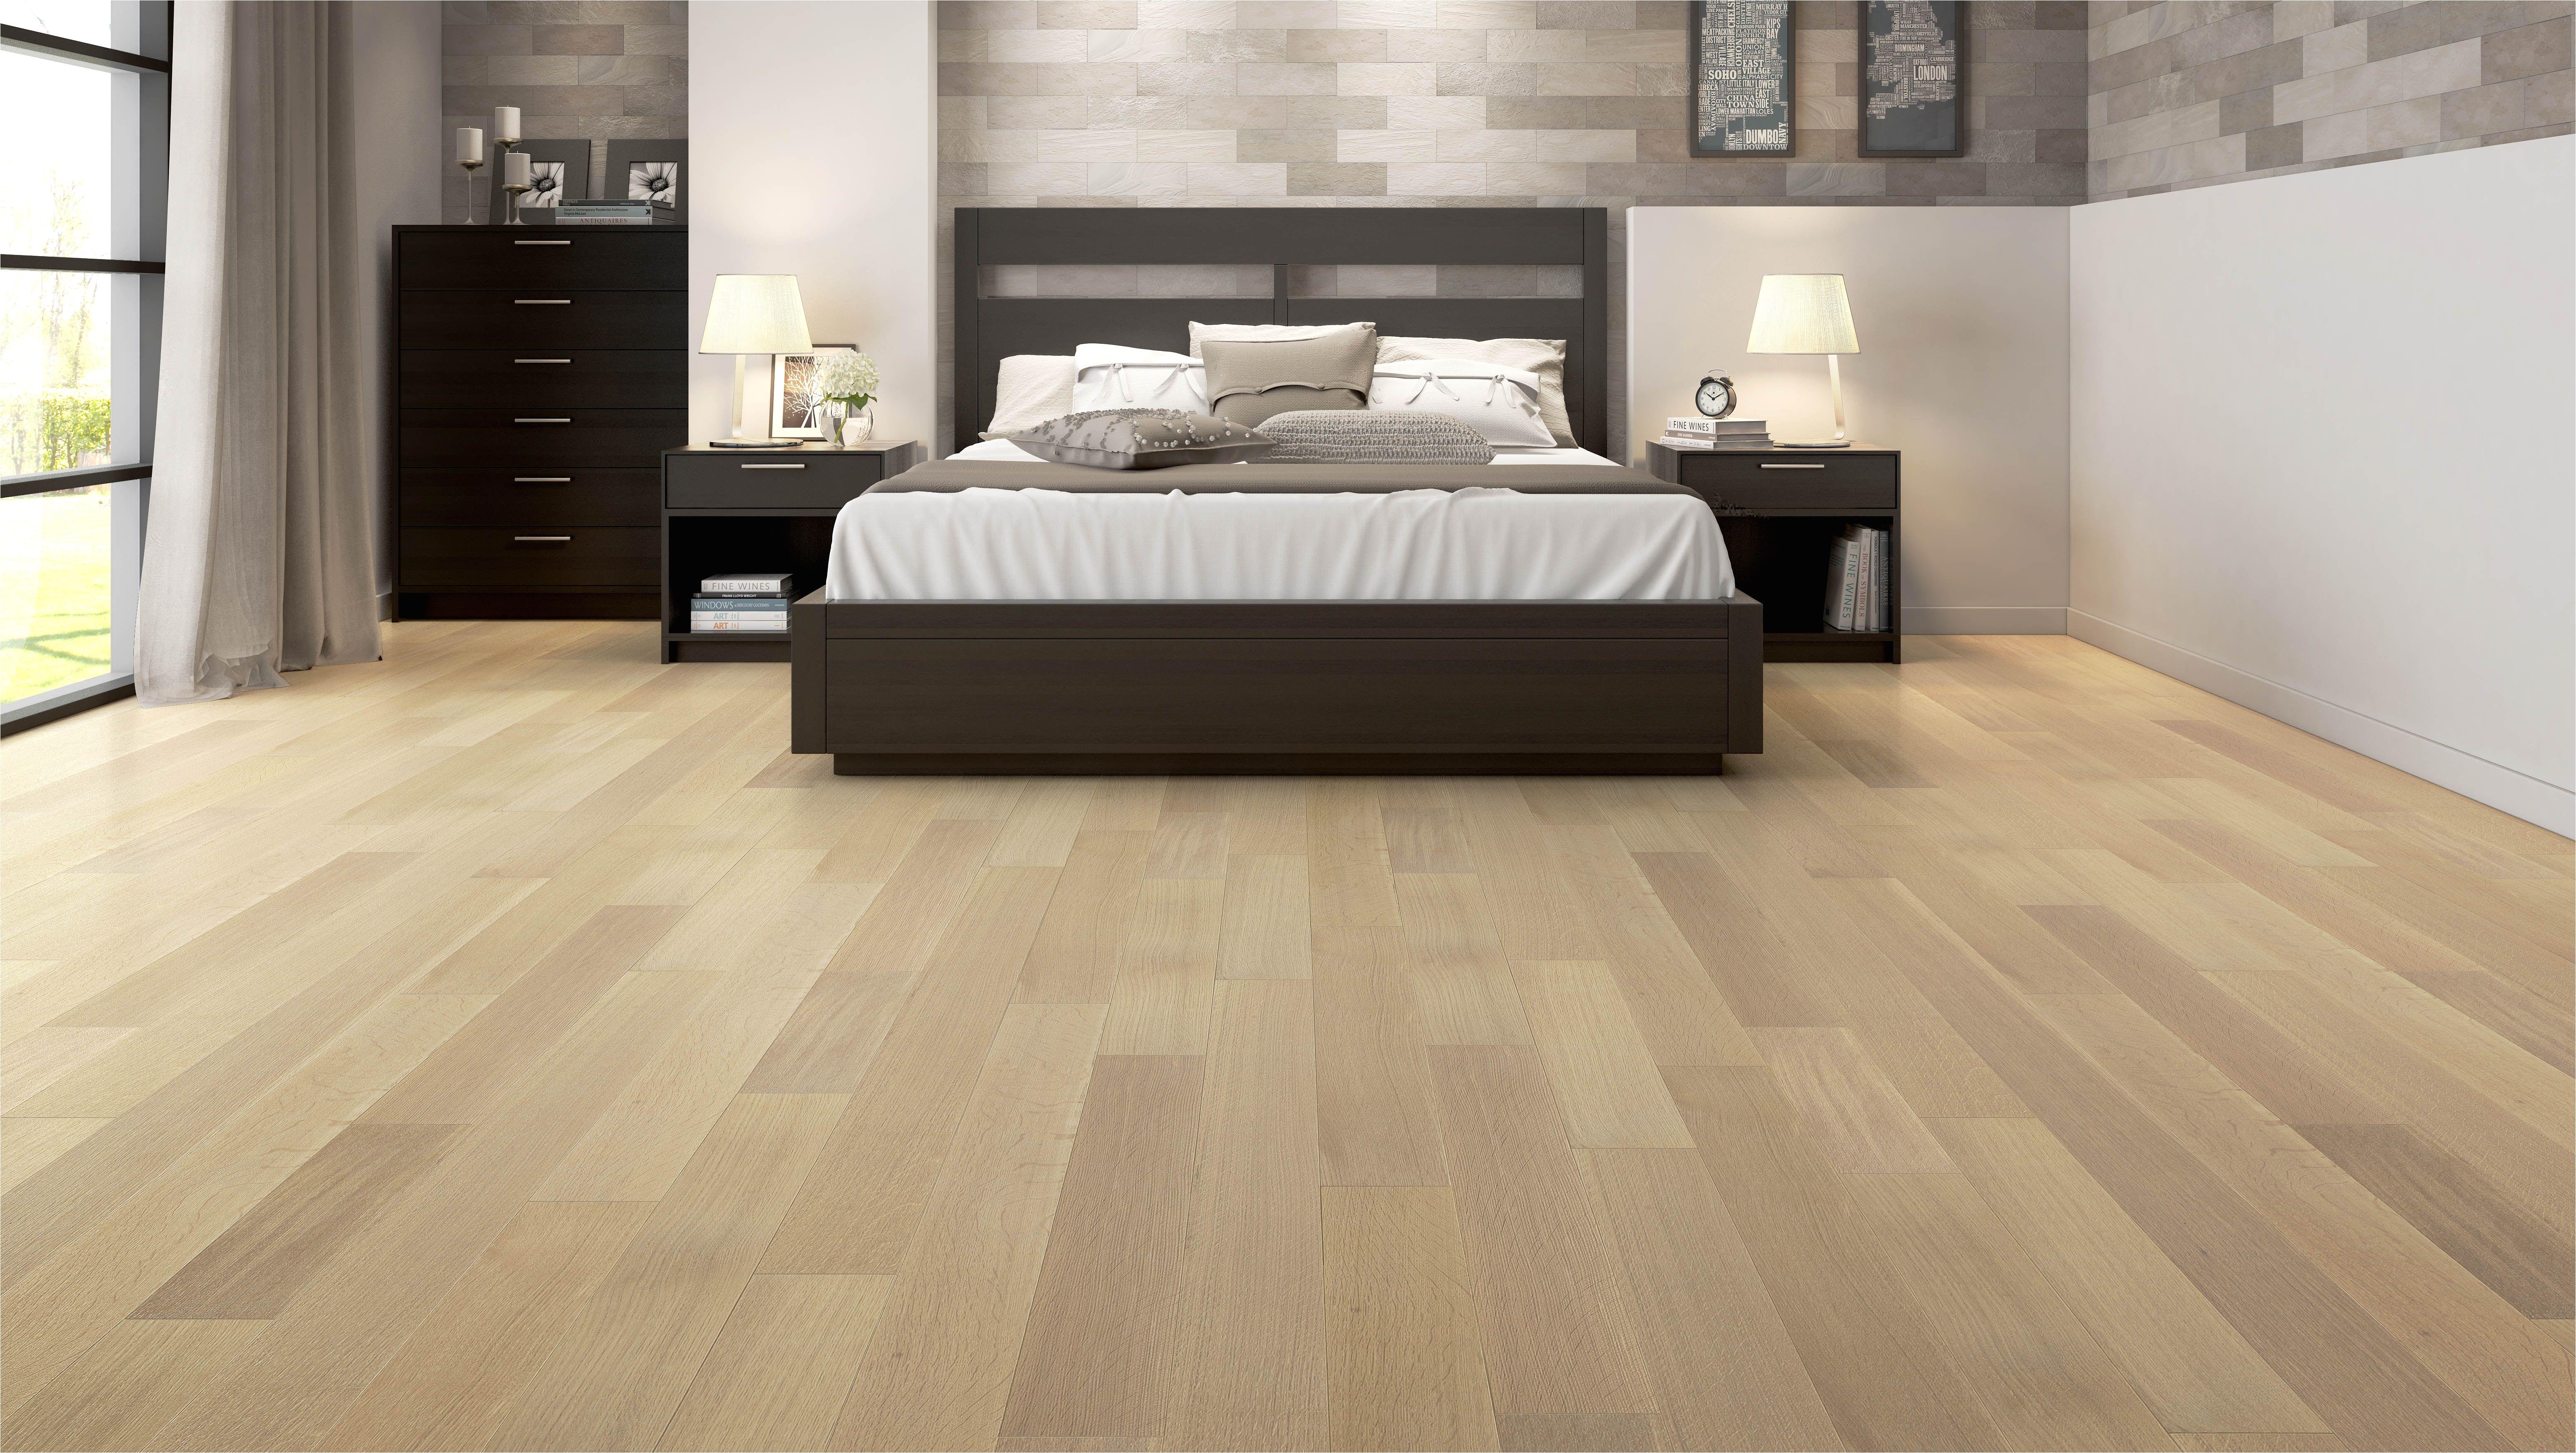 Appalachian Flooring Era Design Clean Look with the Era Design Oiled Floor White Oak Neoclassic